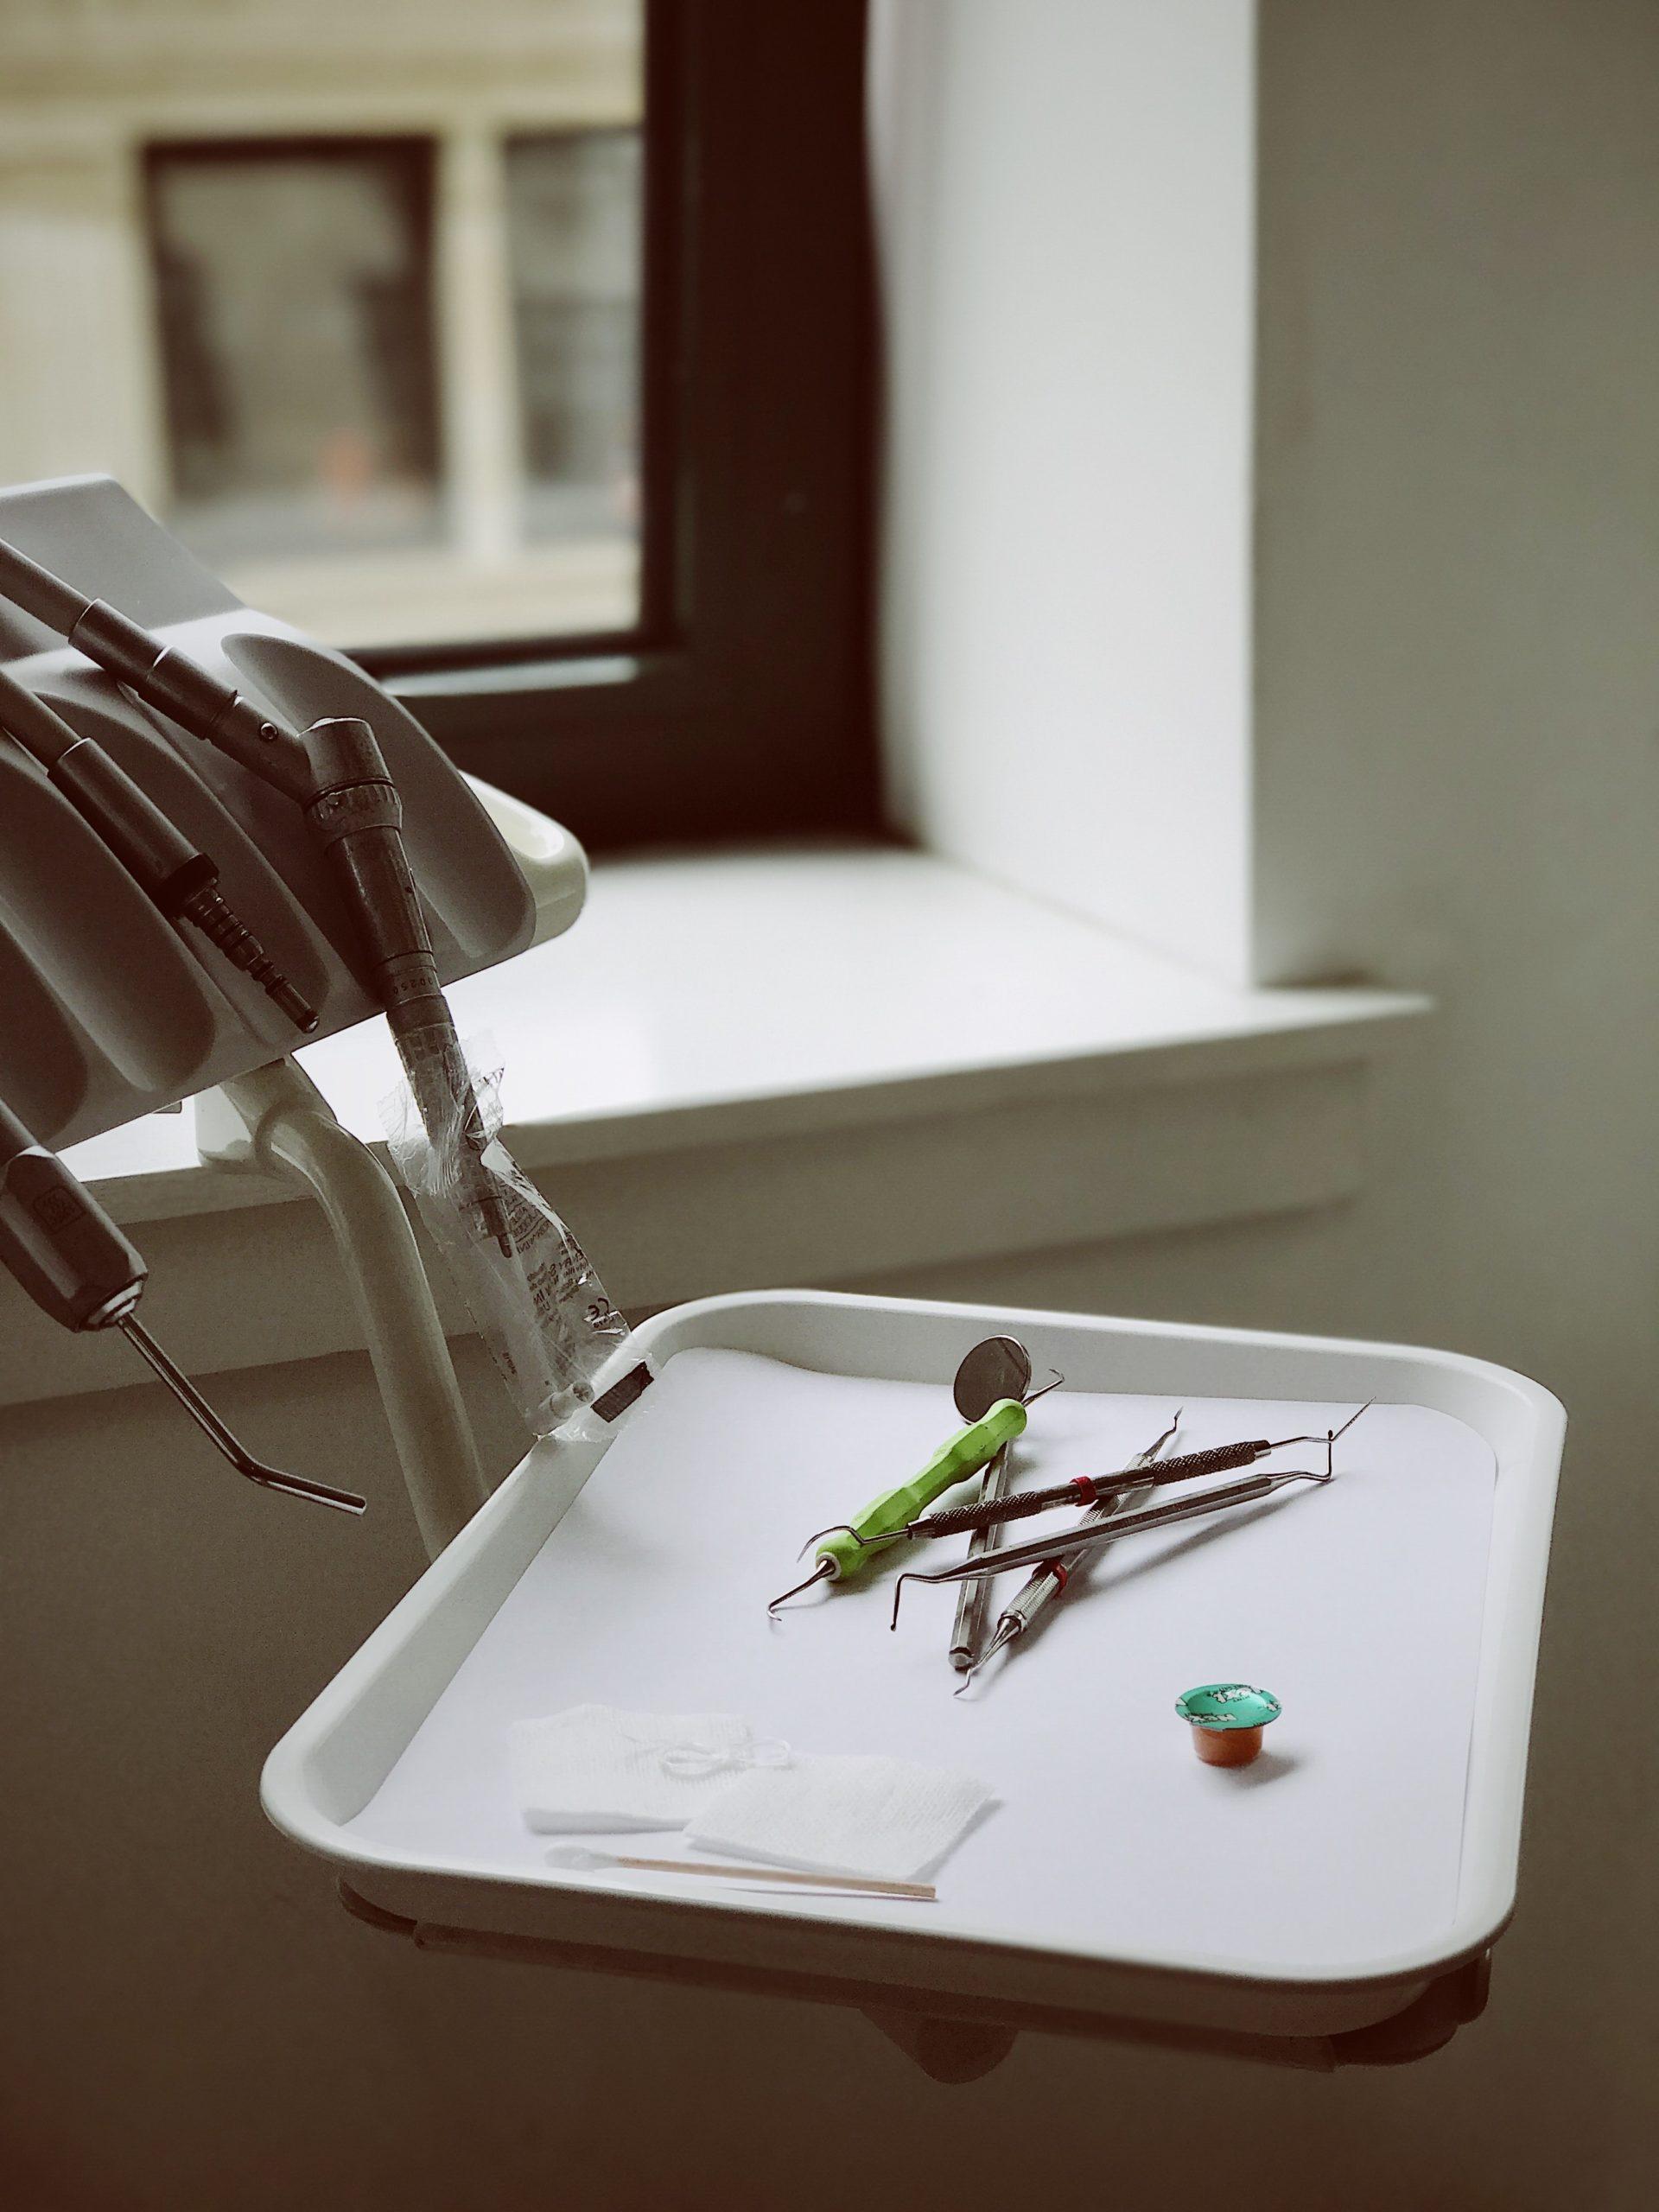 Pijn bij de tandarts